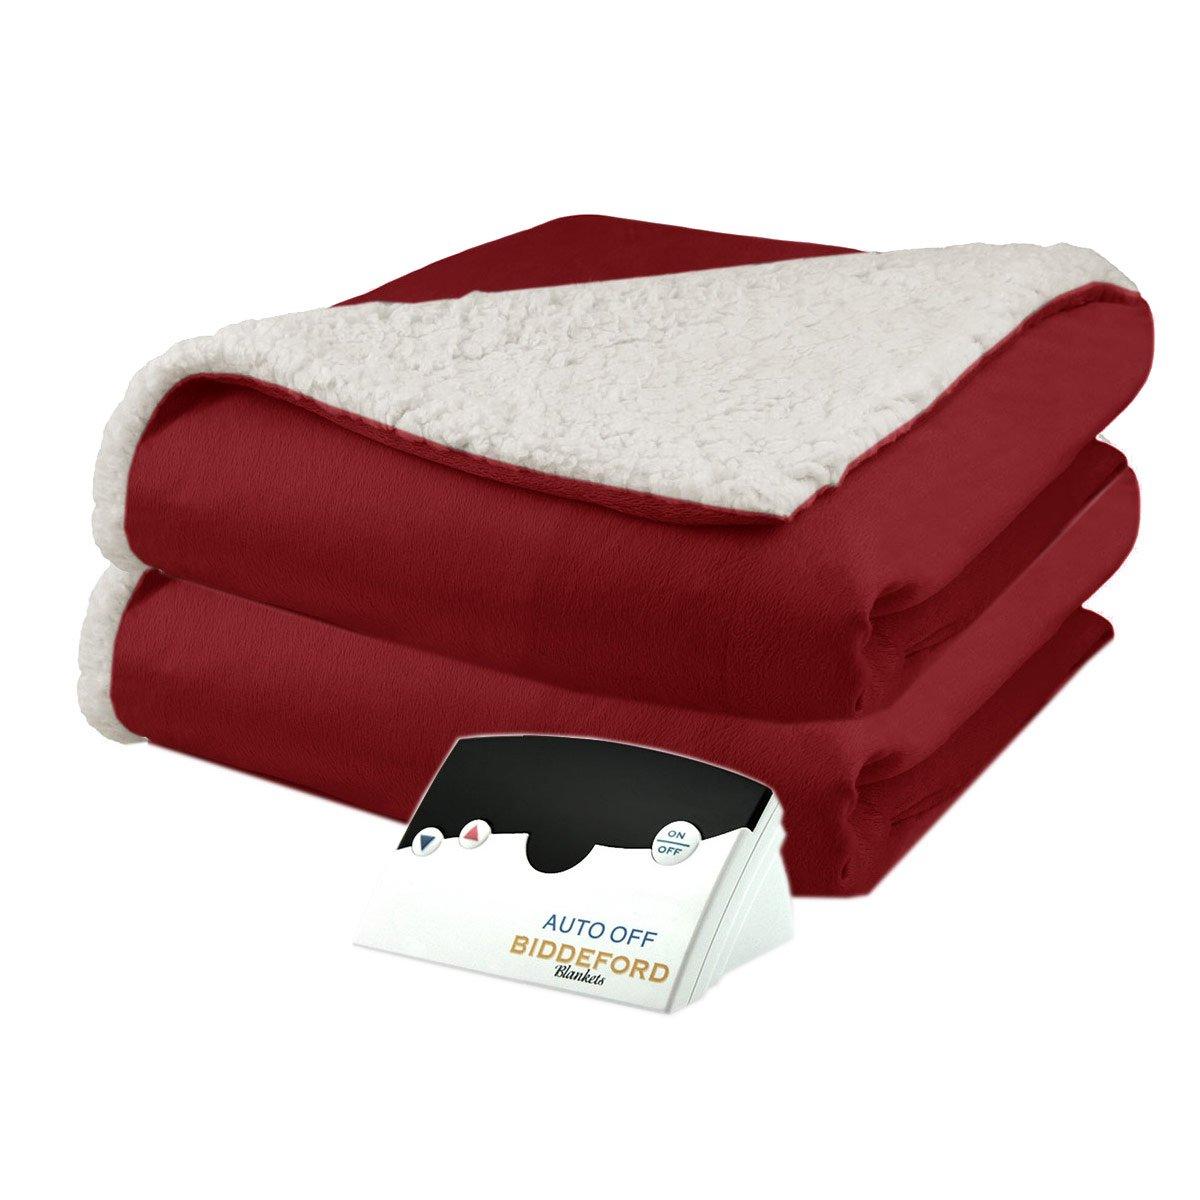 Biddeford 6001-9051136-300 Micro Mink and Sherpa Electric Heated Blanket Full Brick - Heated Blankets